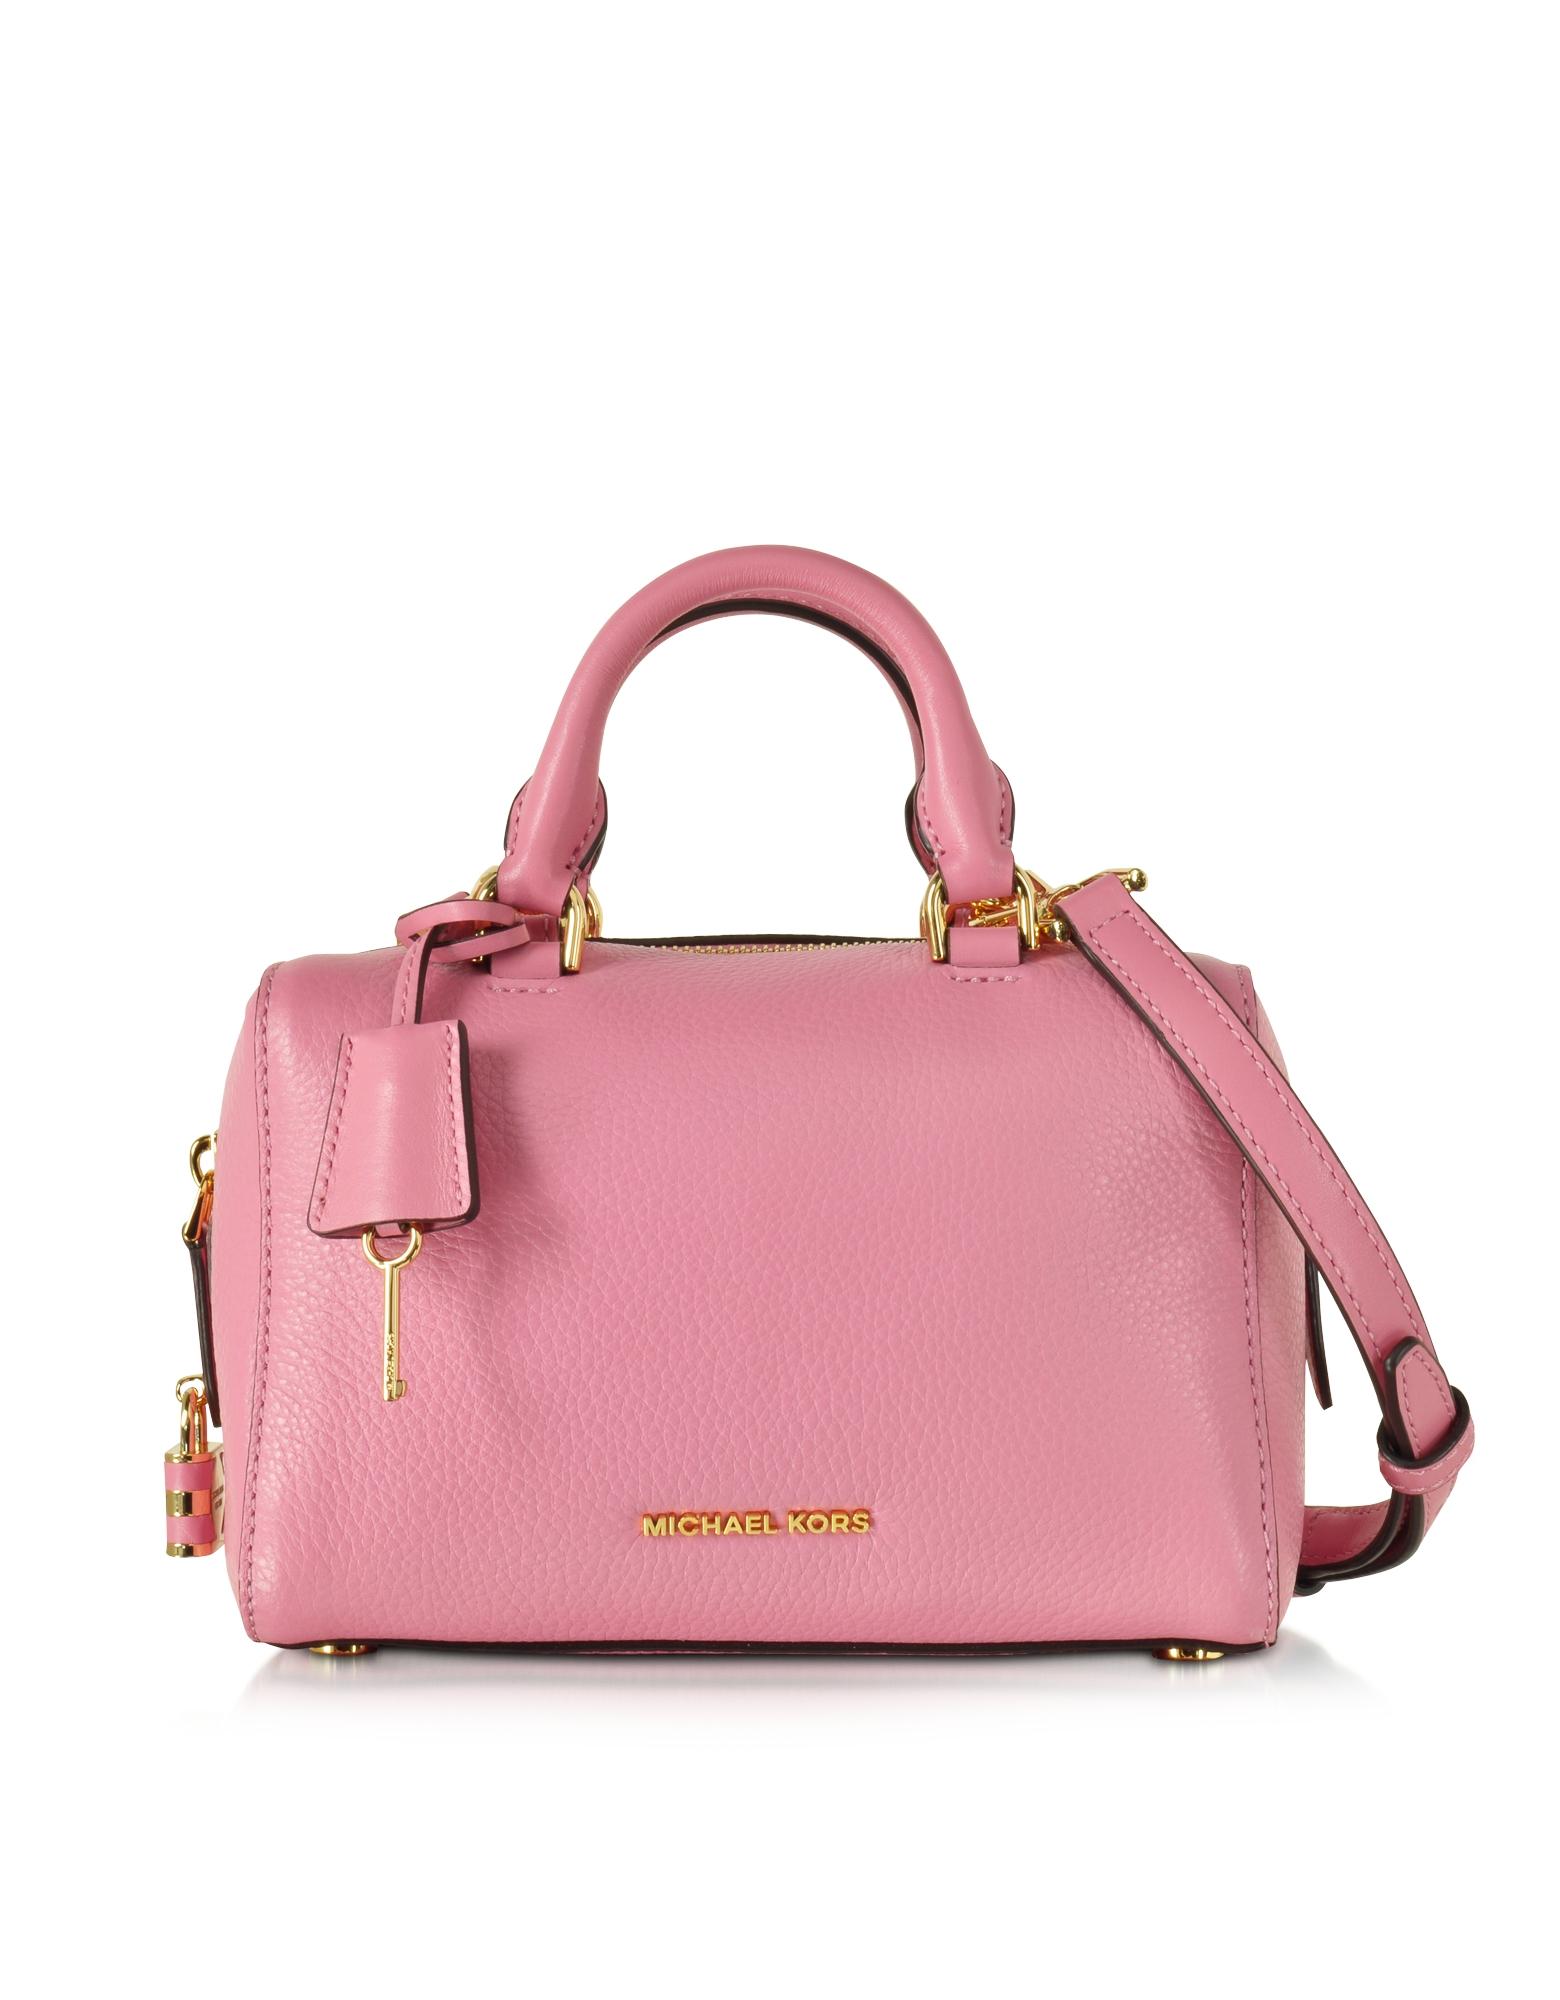 italy michael kors satchels pink quartz 82db7 1671e rh rxhealthforca com